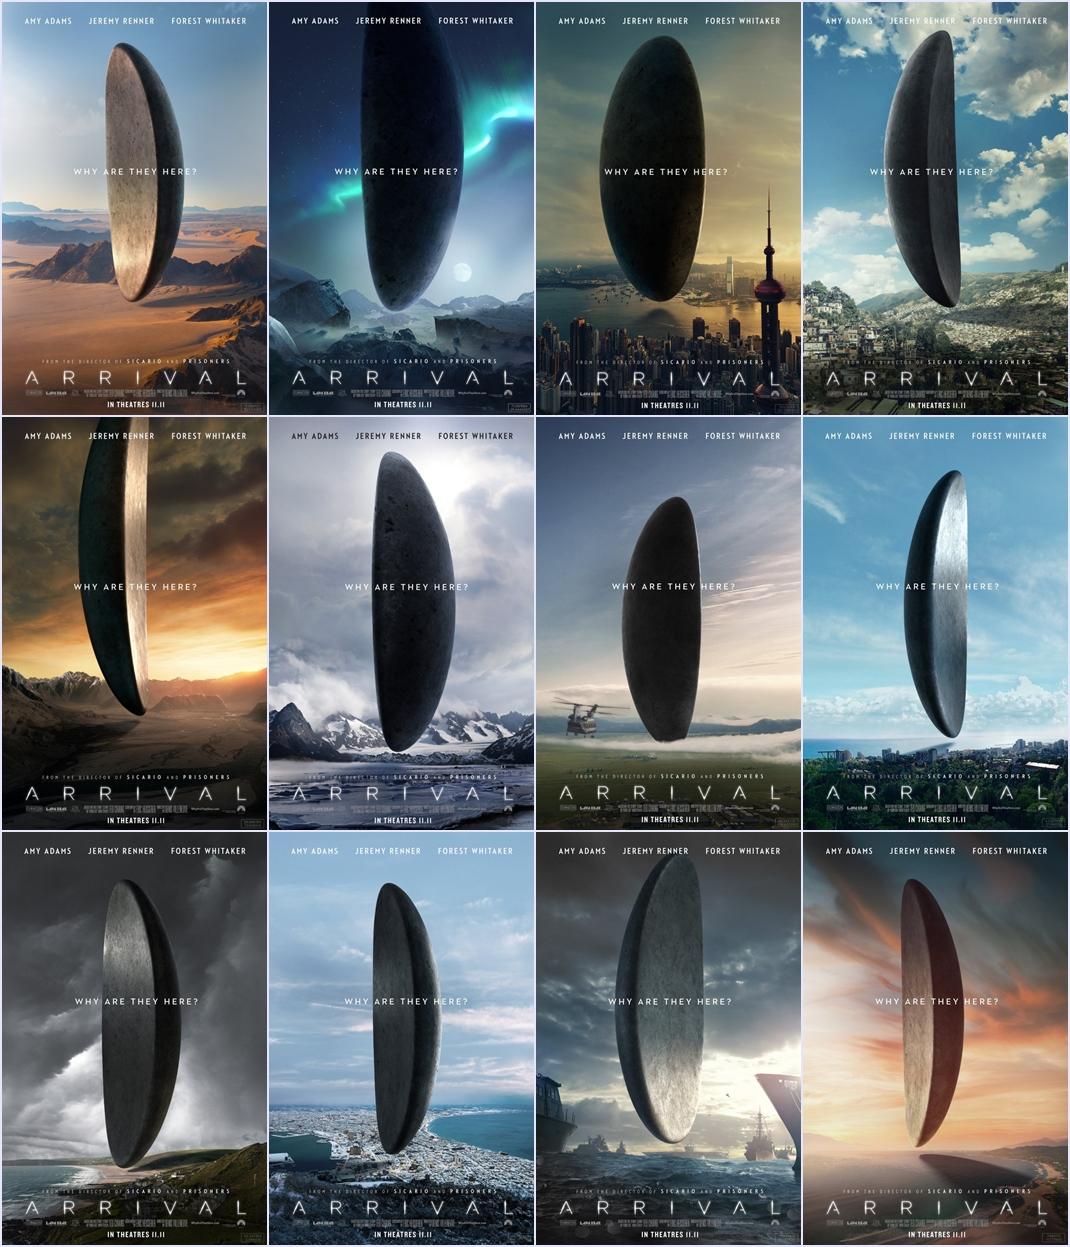 ตัวอย่างหนังใหม่ : Arrival (ผู้มาเยือน) ซับไทย poster mixed